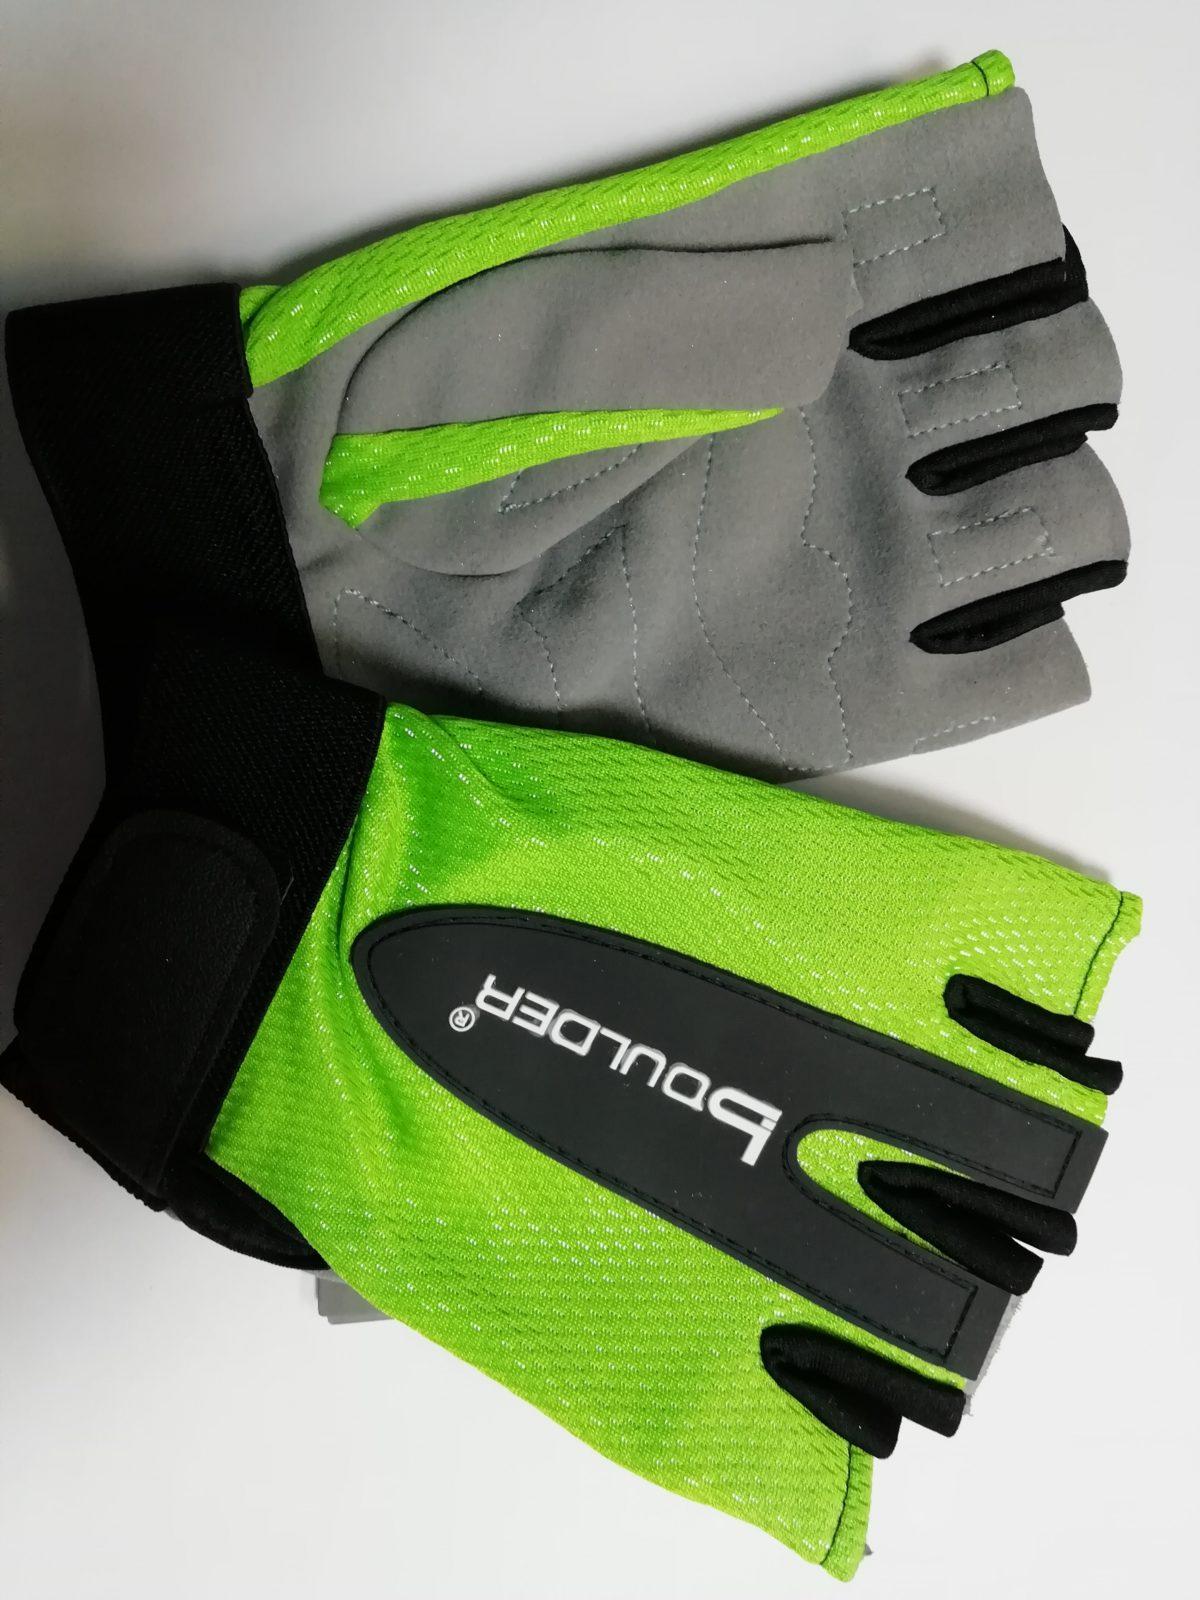 BOULDER Перчатки для фитнеса HW-306: зелёный - 1